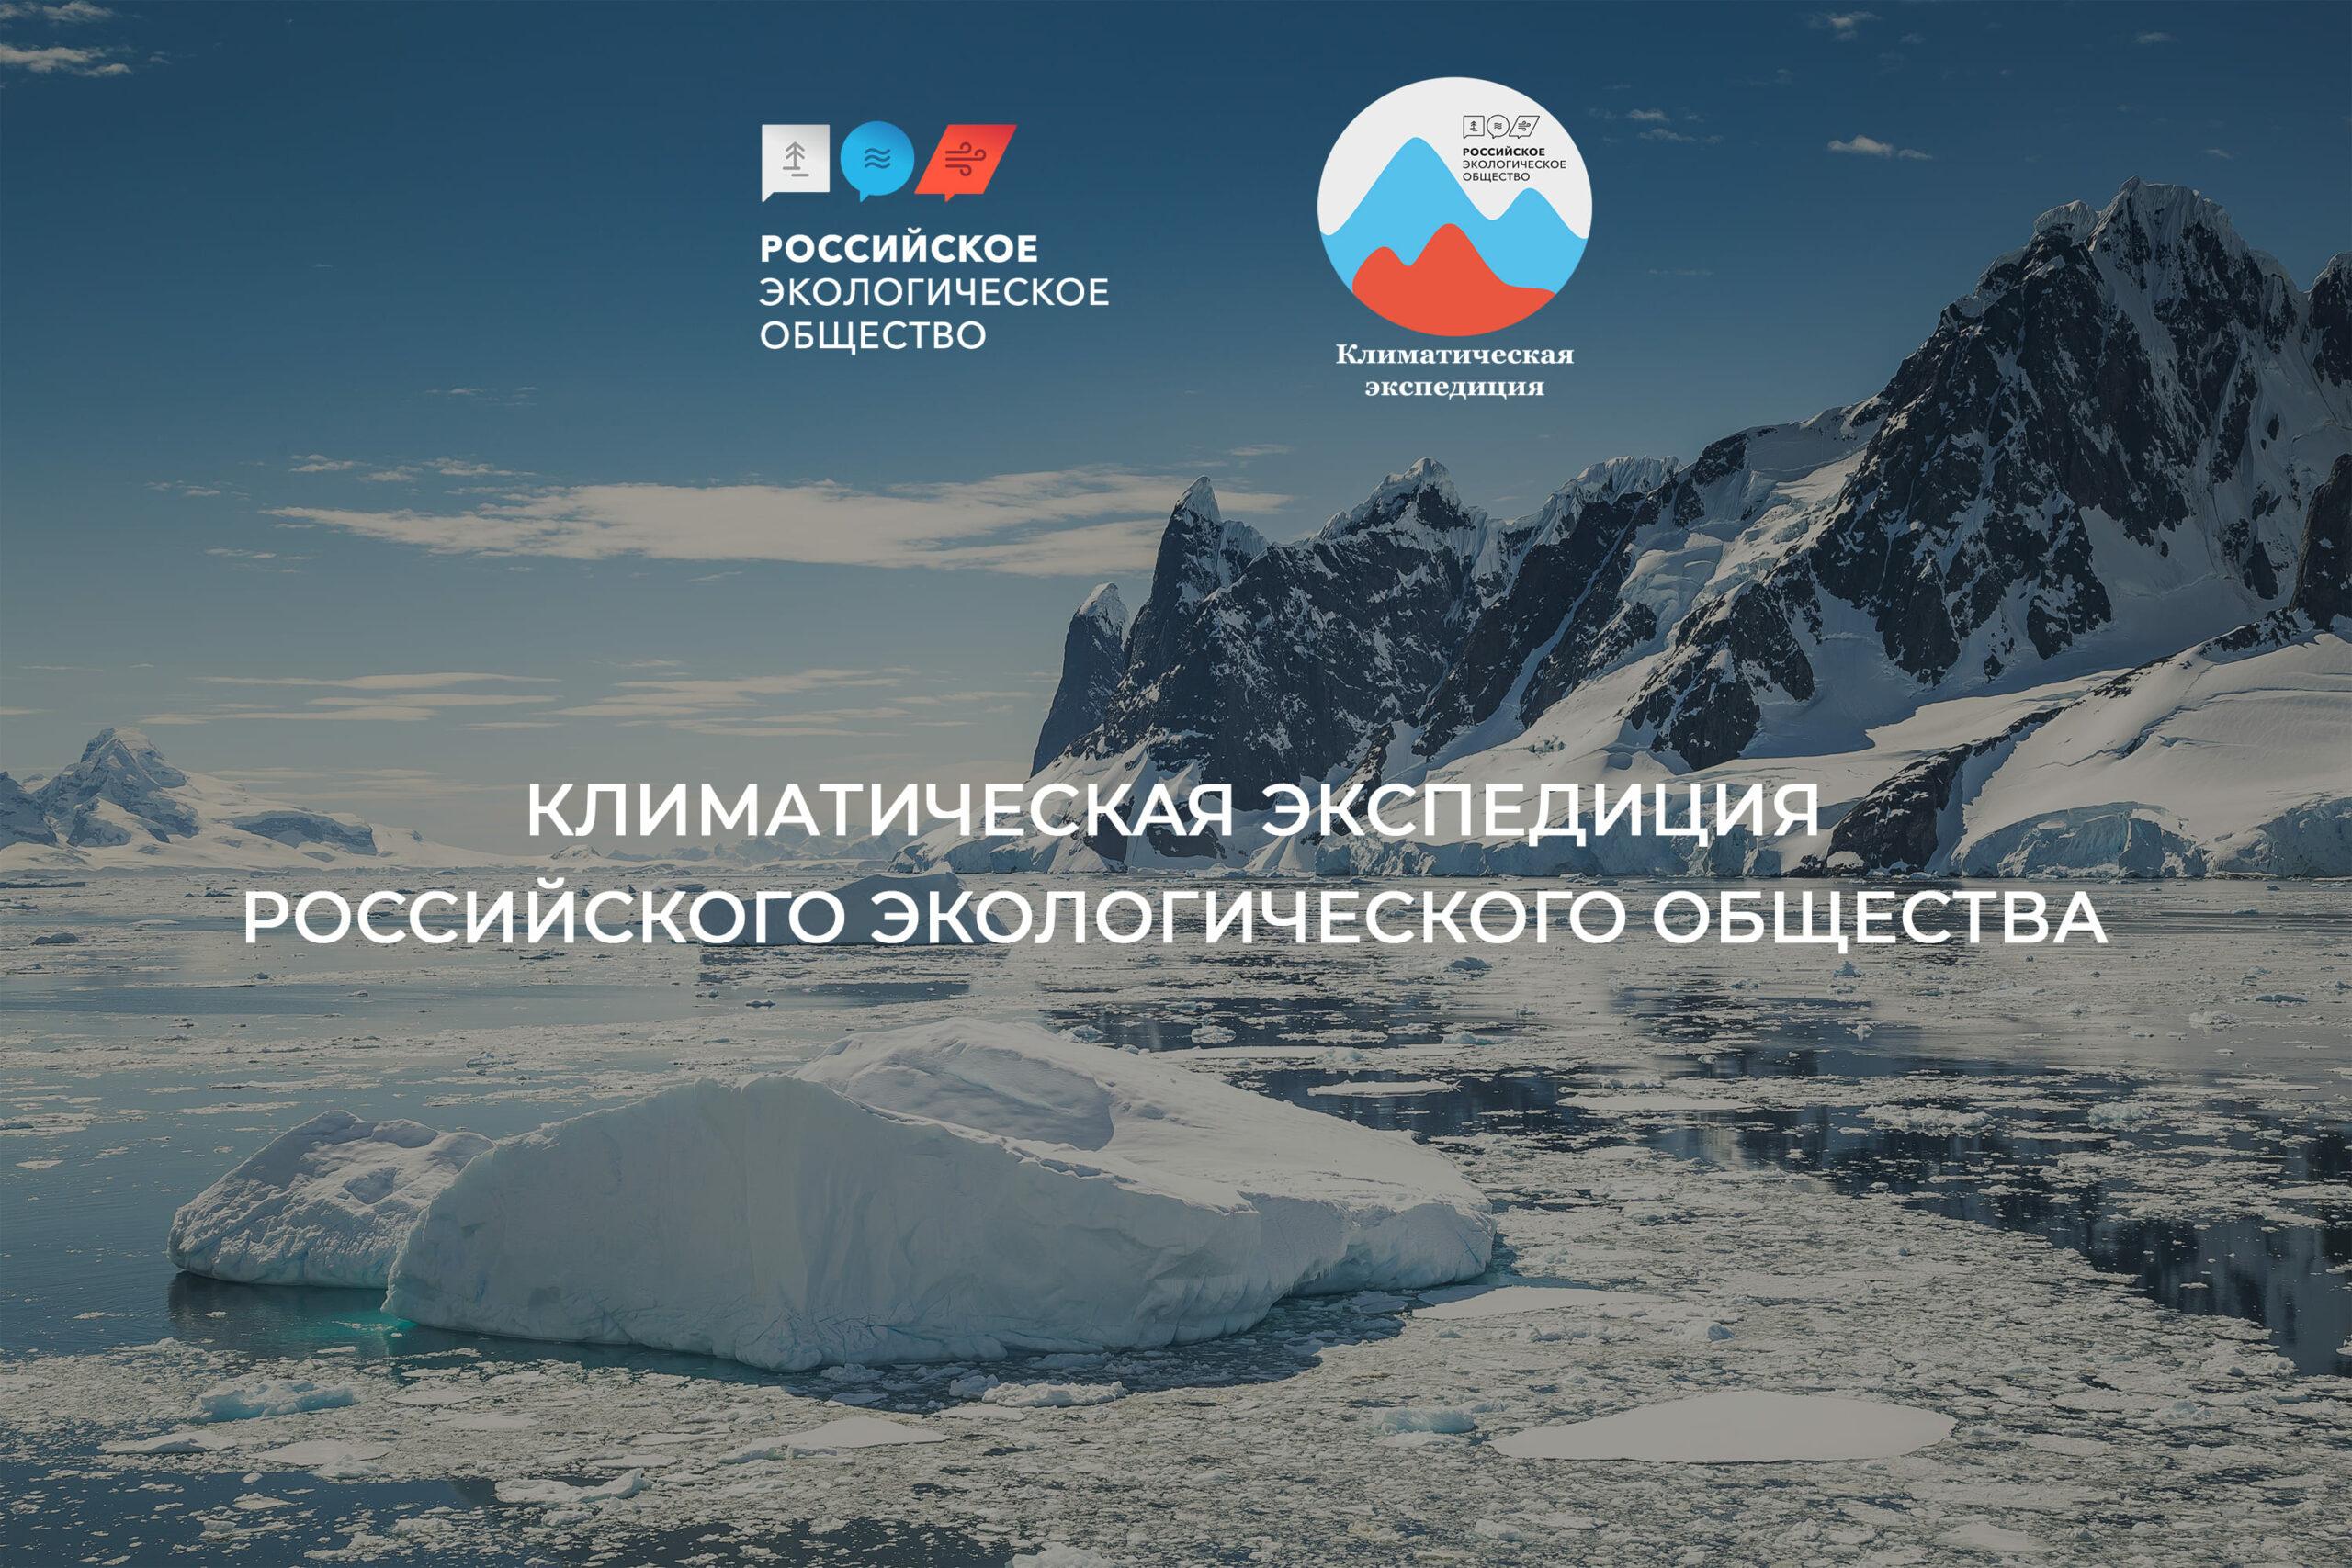 Стартует Климатическая экспедиция Российского экологического общества